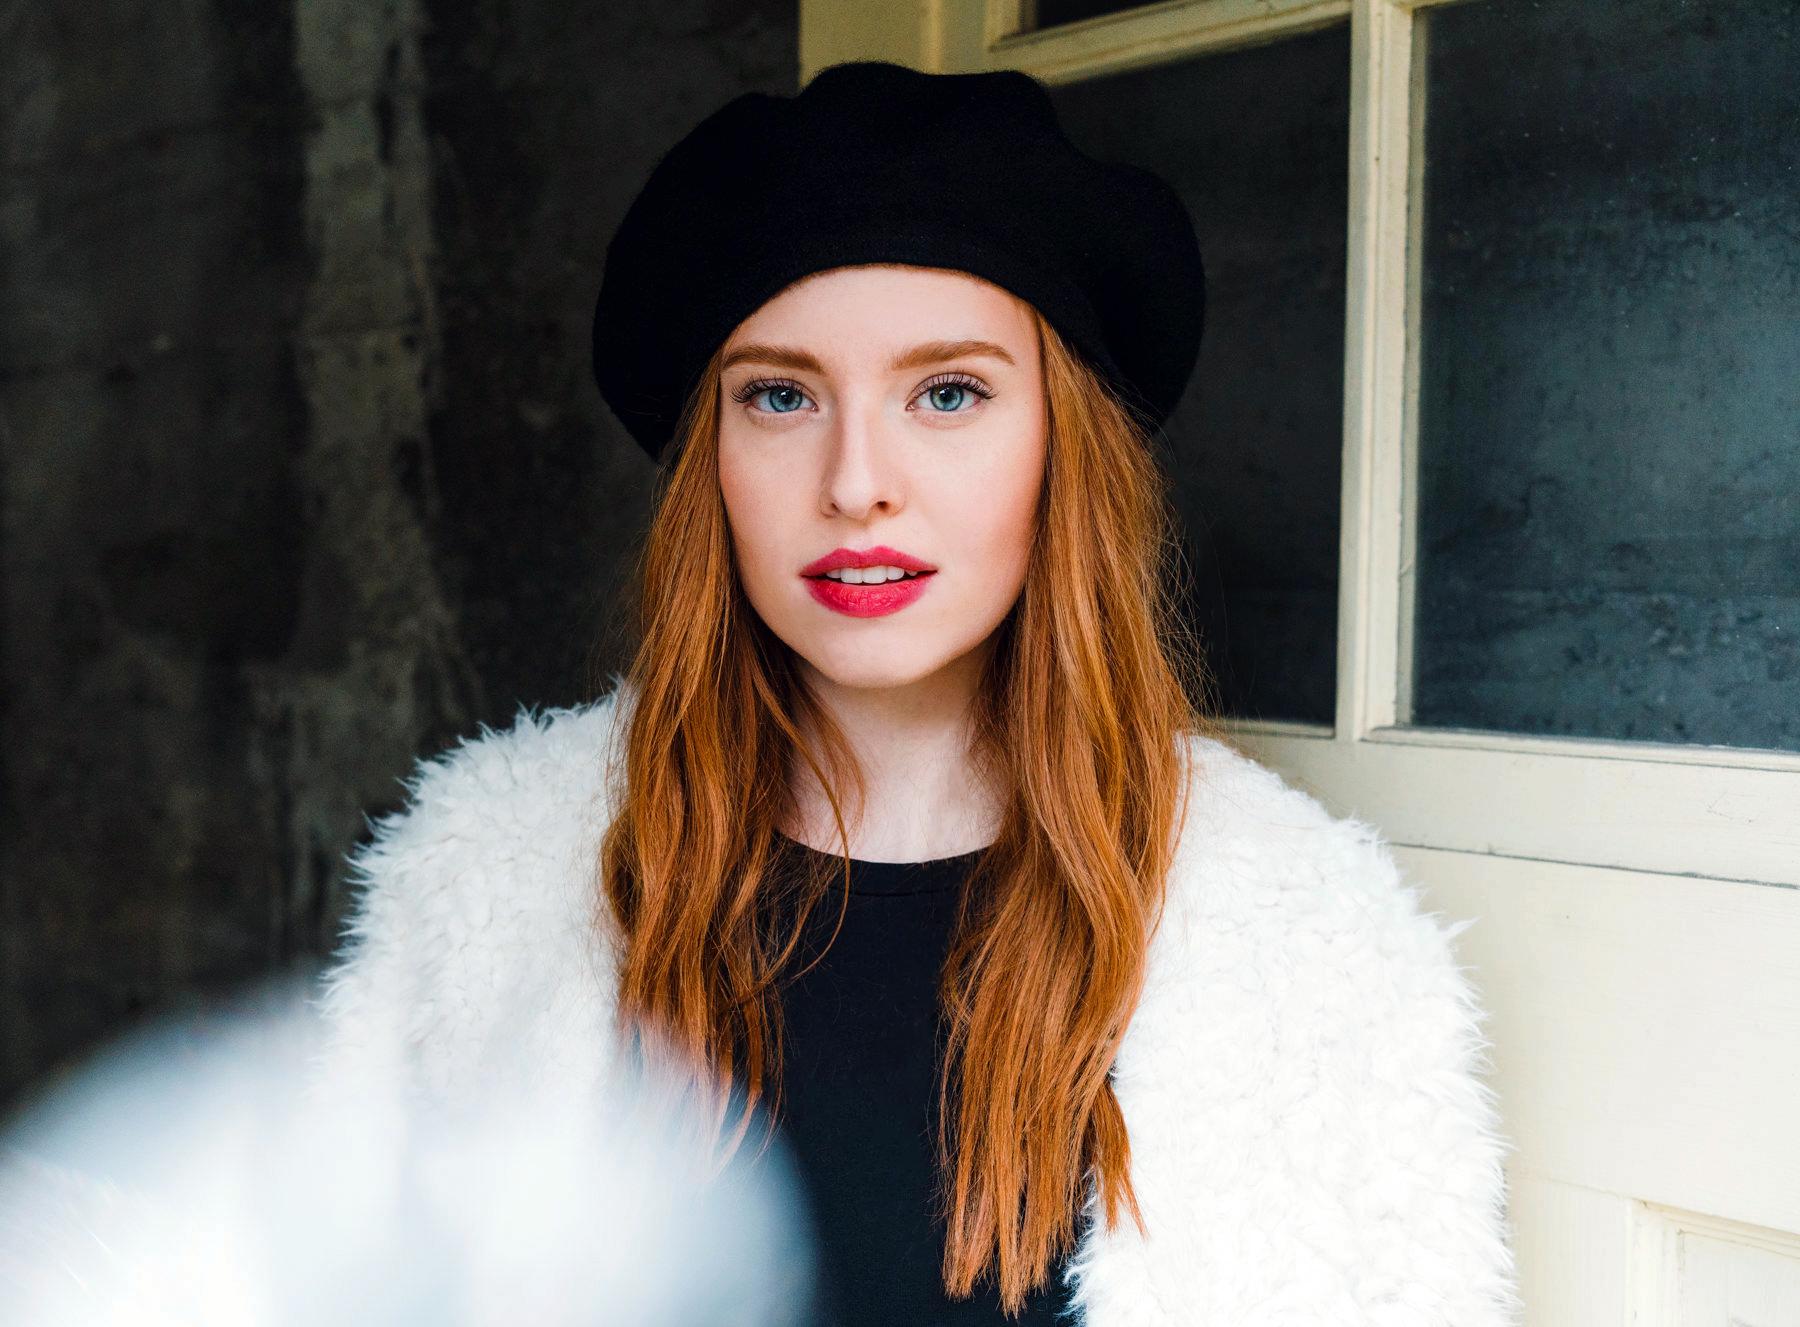 HaleyMcLain-NatalieBlake-6.jpg